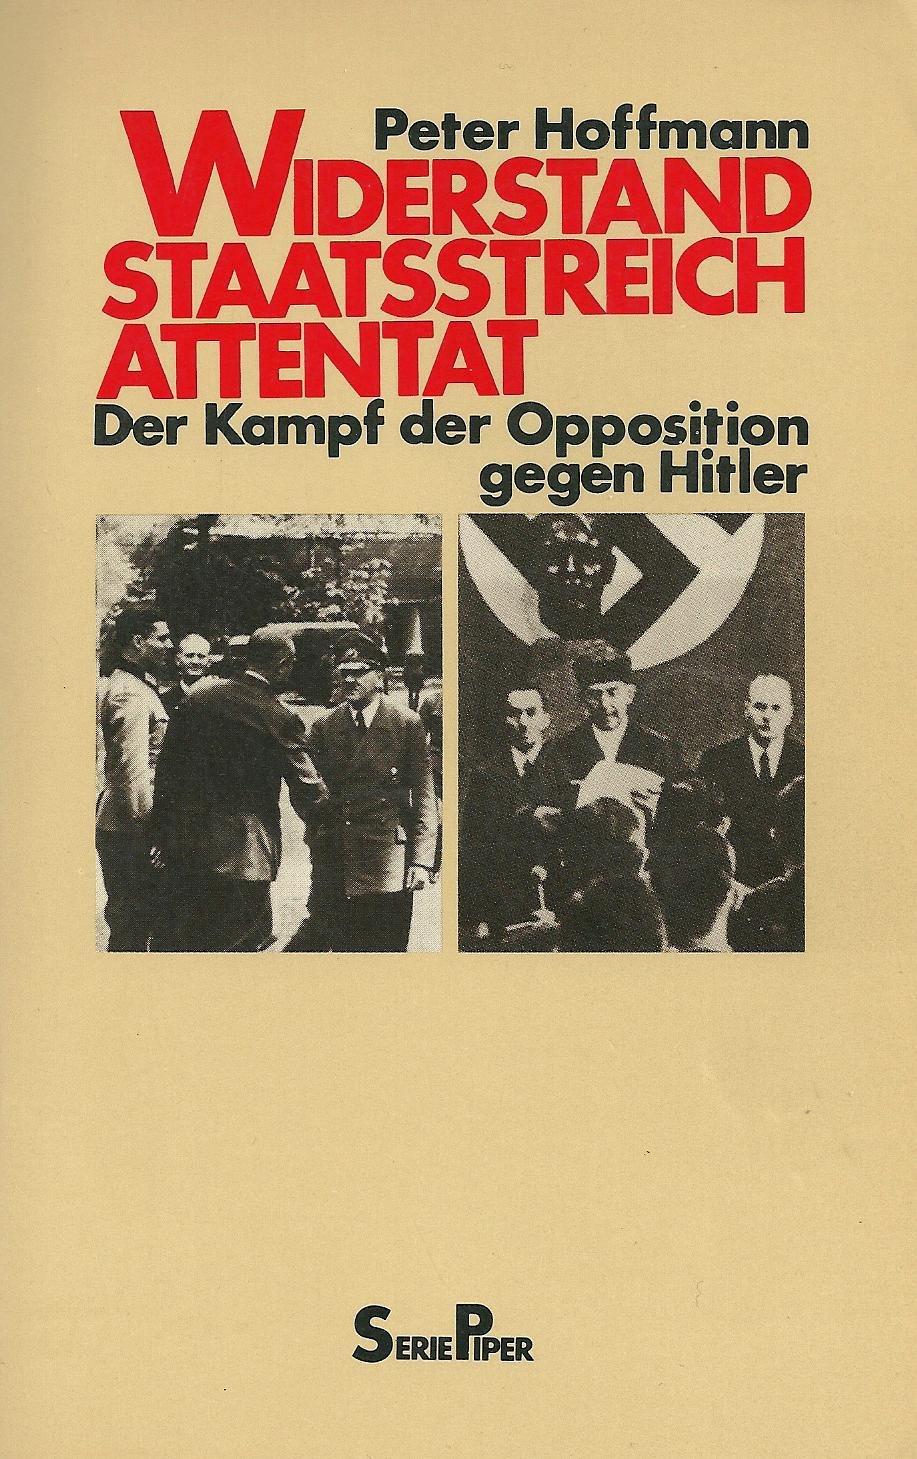 Widerstand - Staatsstreich - Attentat. Der Kampf der Opposition gegen Hitler